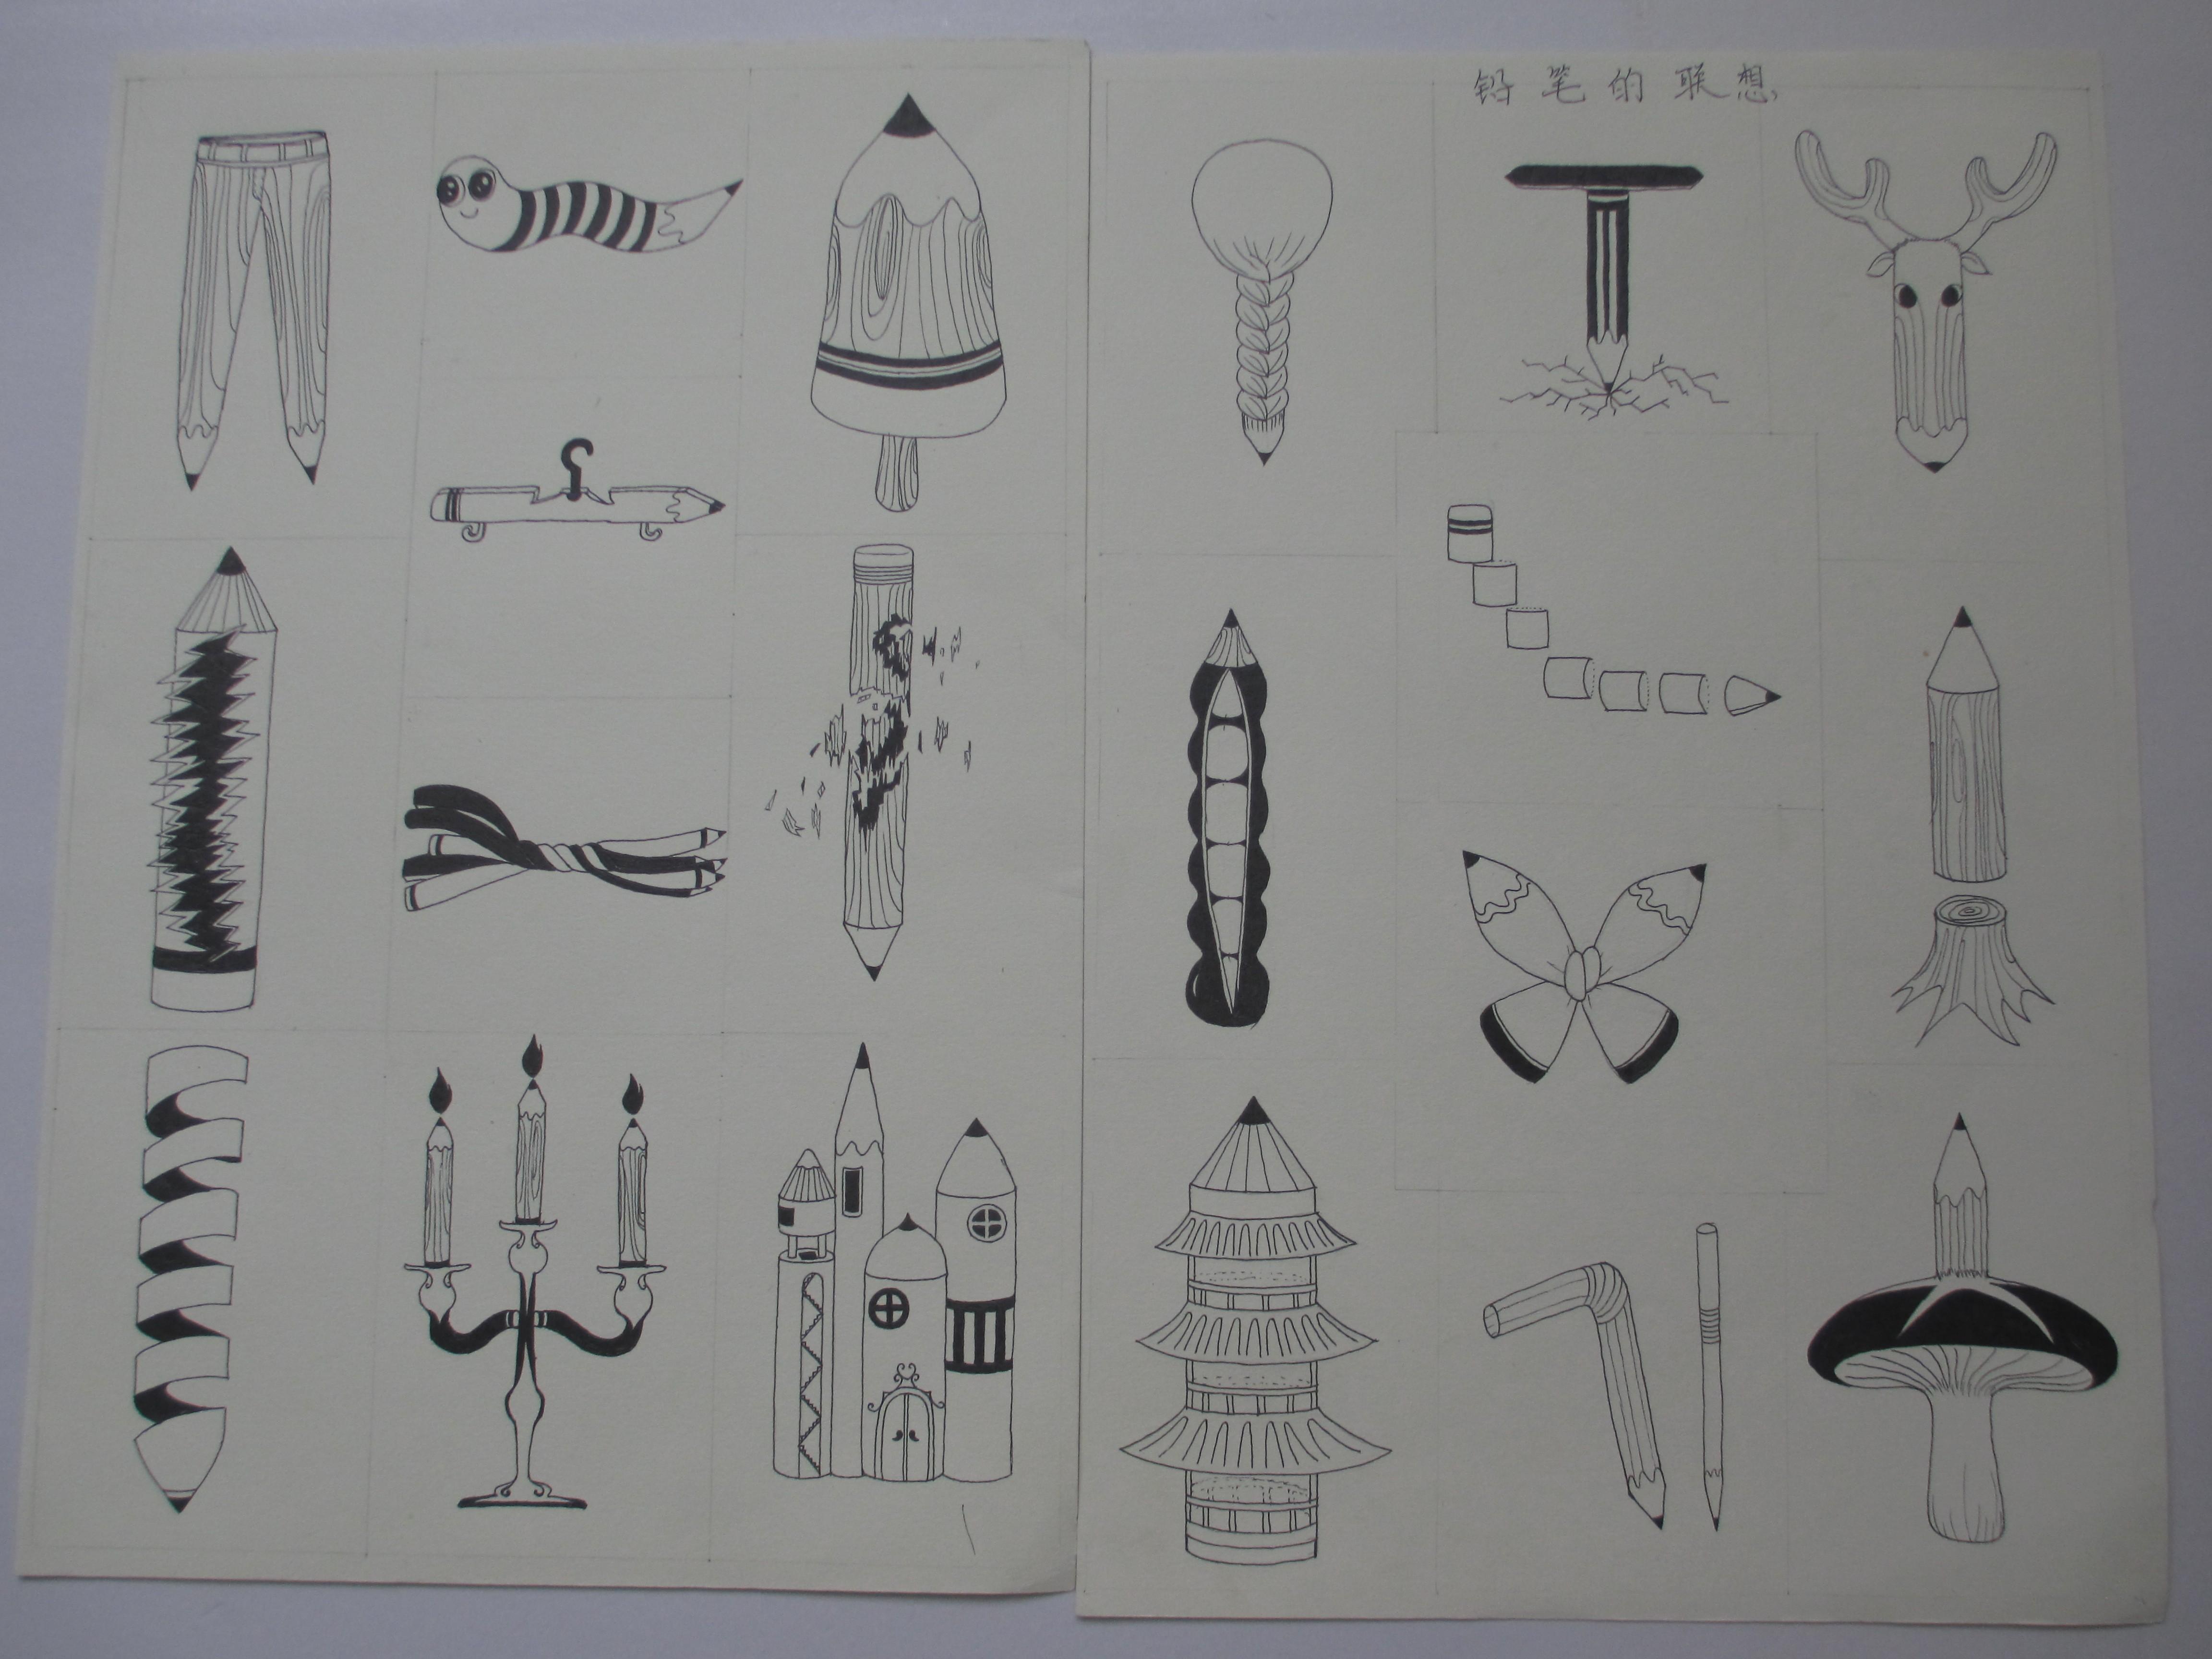 铅笔的联想创意图片_铅笔的联想图形创意